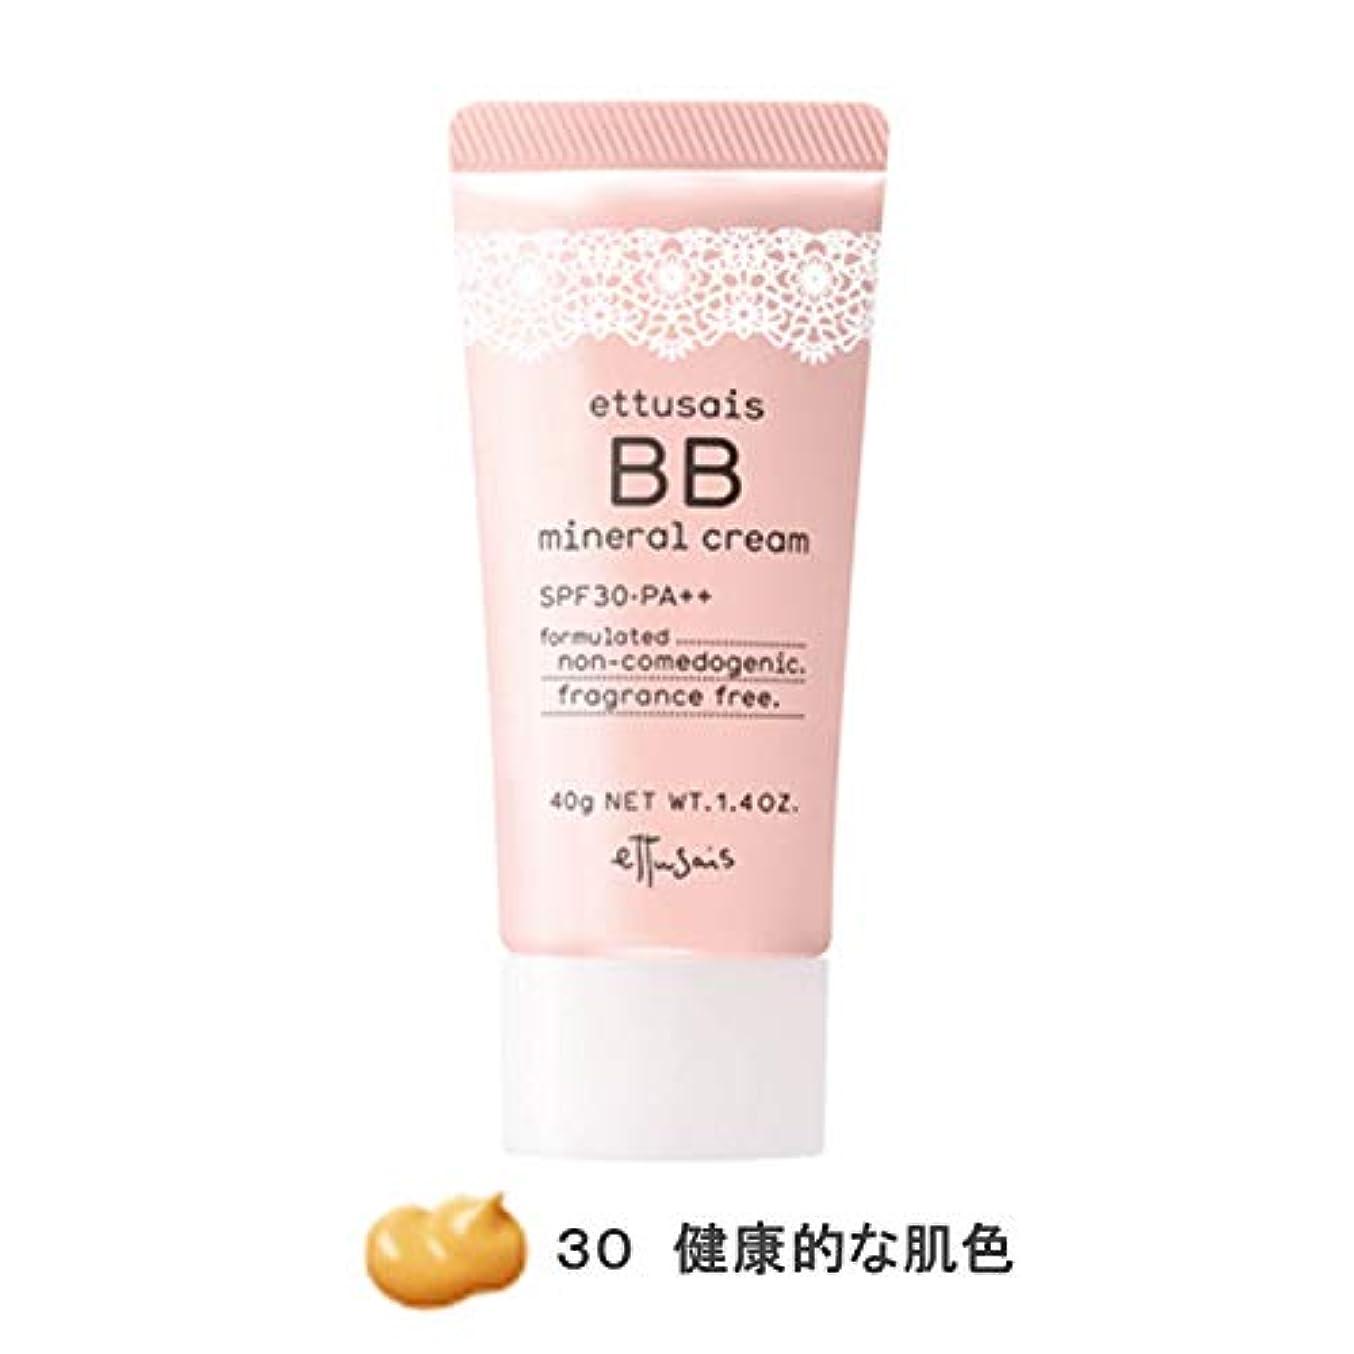 補正経験レイアエテュセ BBミネラルクリーム 30(健康的な肌色) SPF30?PA++ 40g